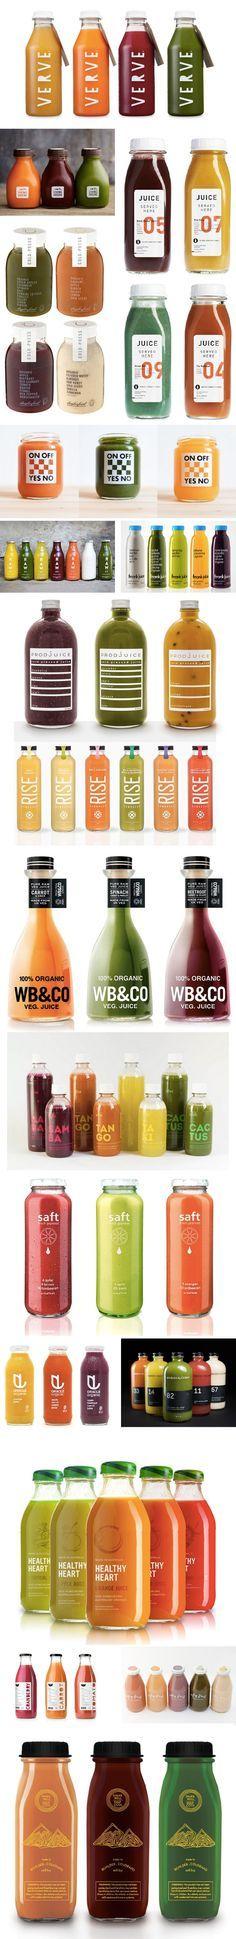 Juice packaging en masse